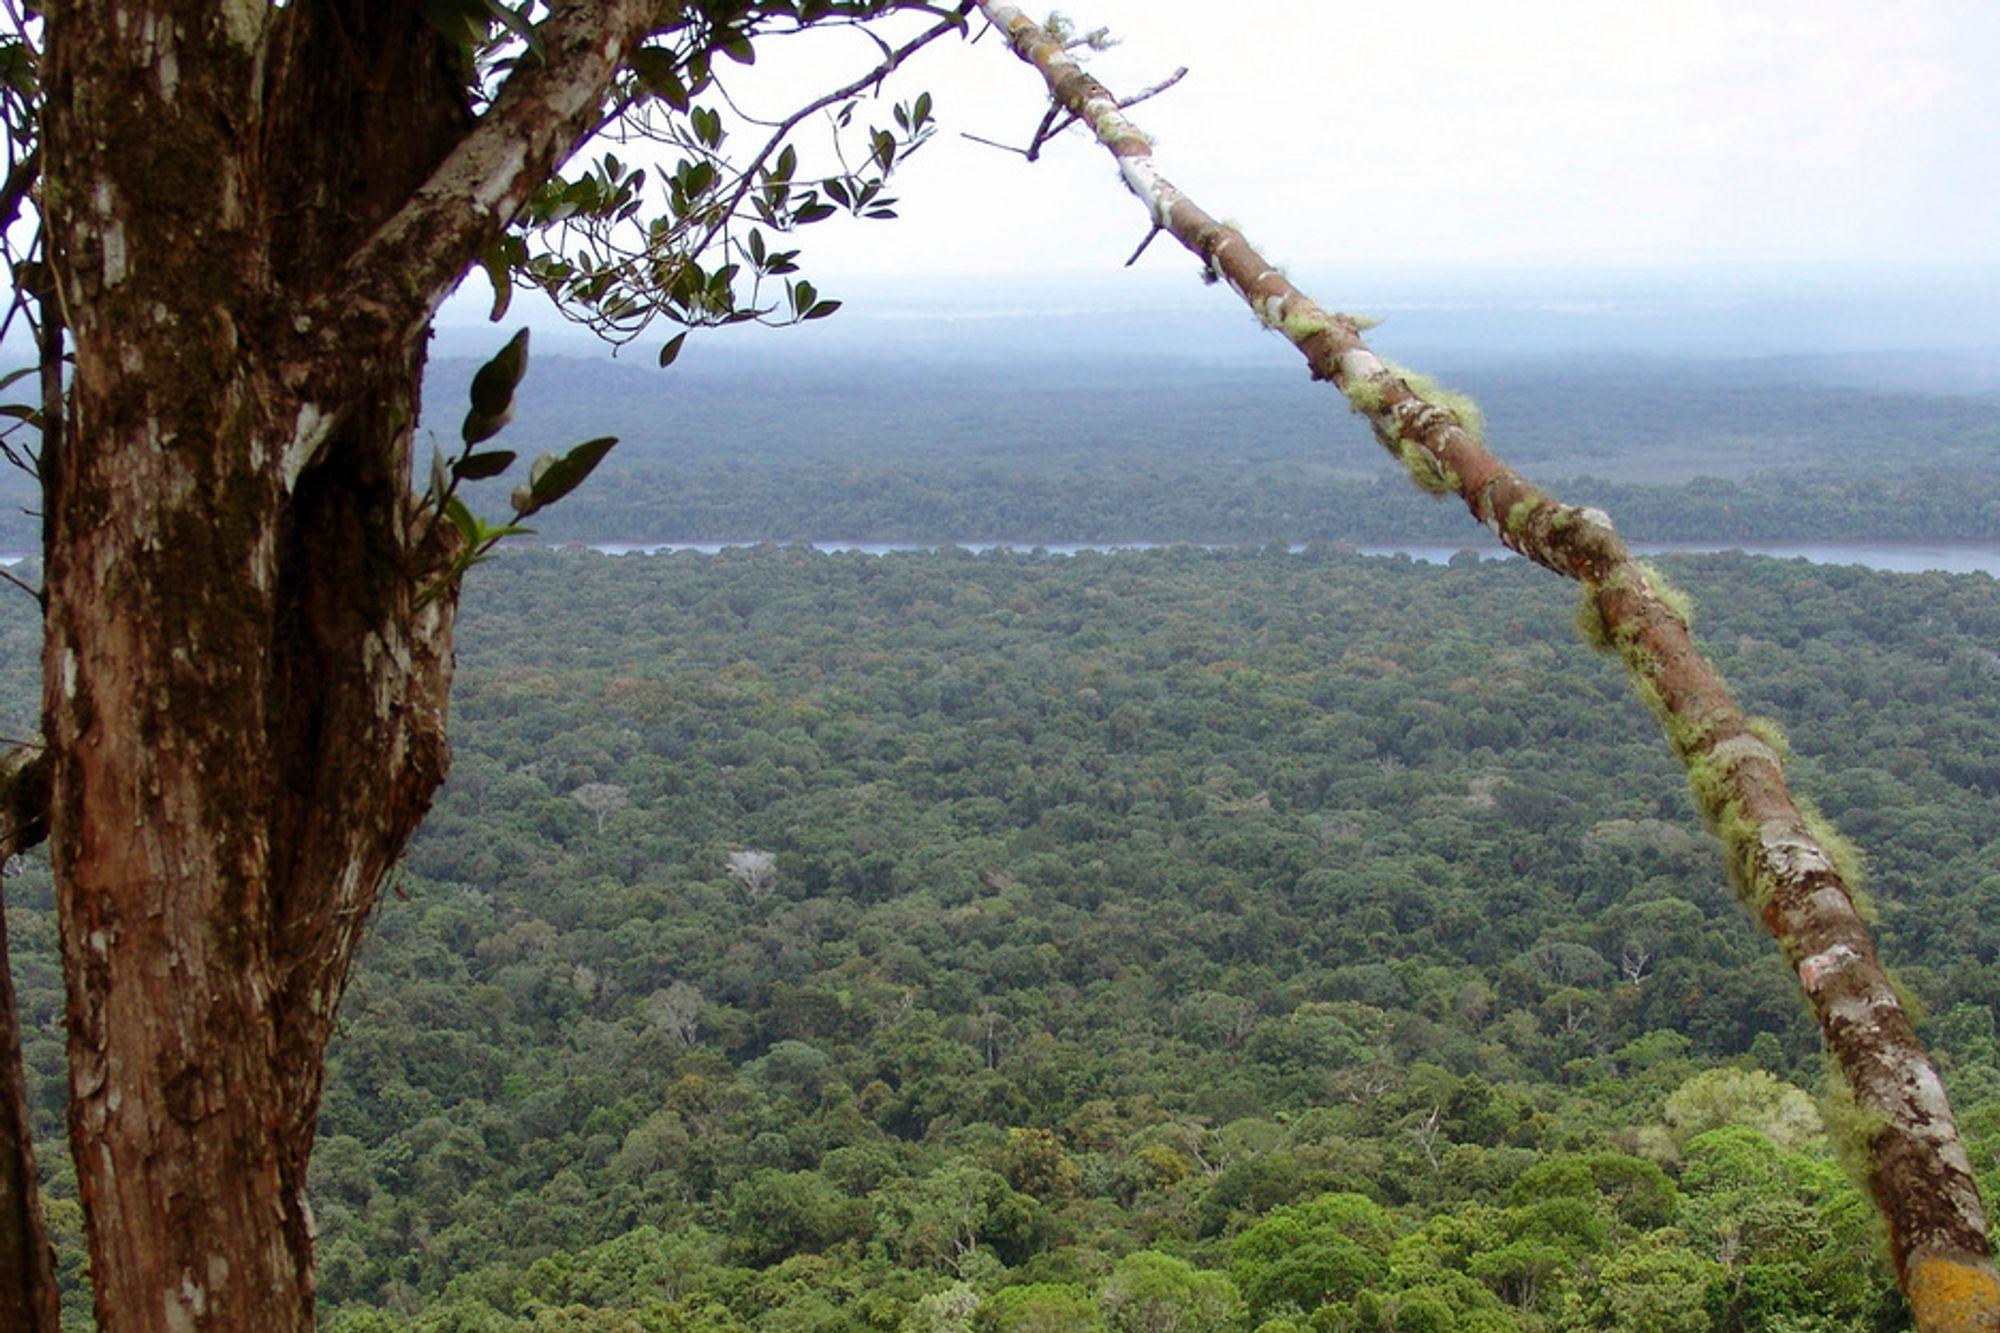 Avskoging står for 20 prosent av verdens CO2-utslipp, mer enn alle utslipp fra land-, sjø- og lufttransport til sammen.